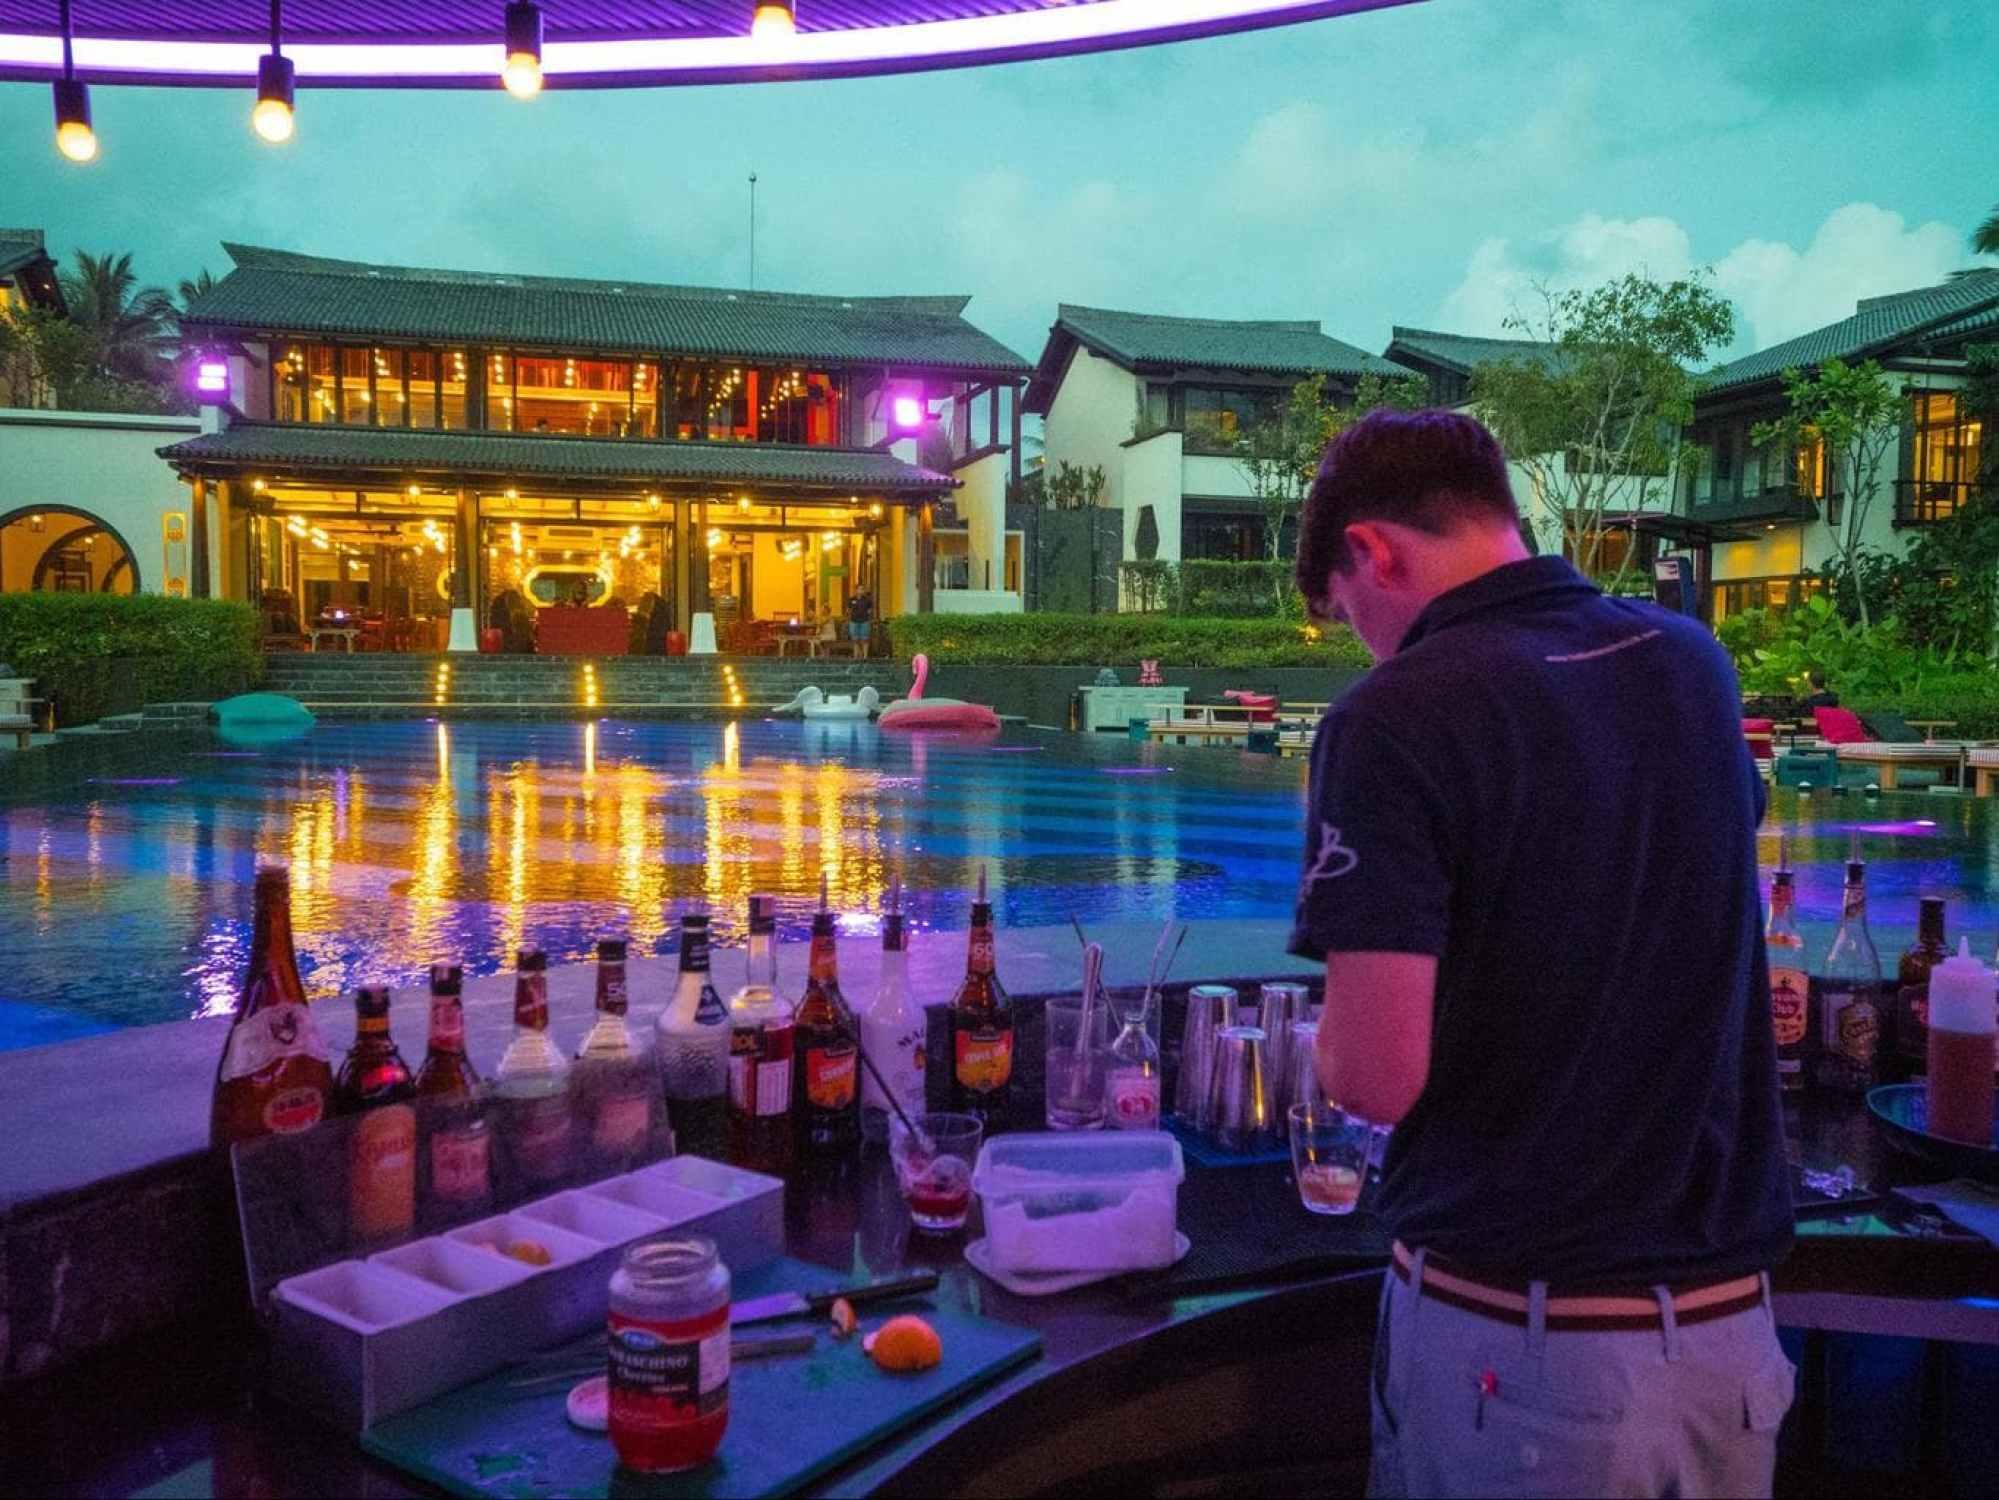 The pool bar at Baba Beach Club Phuket